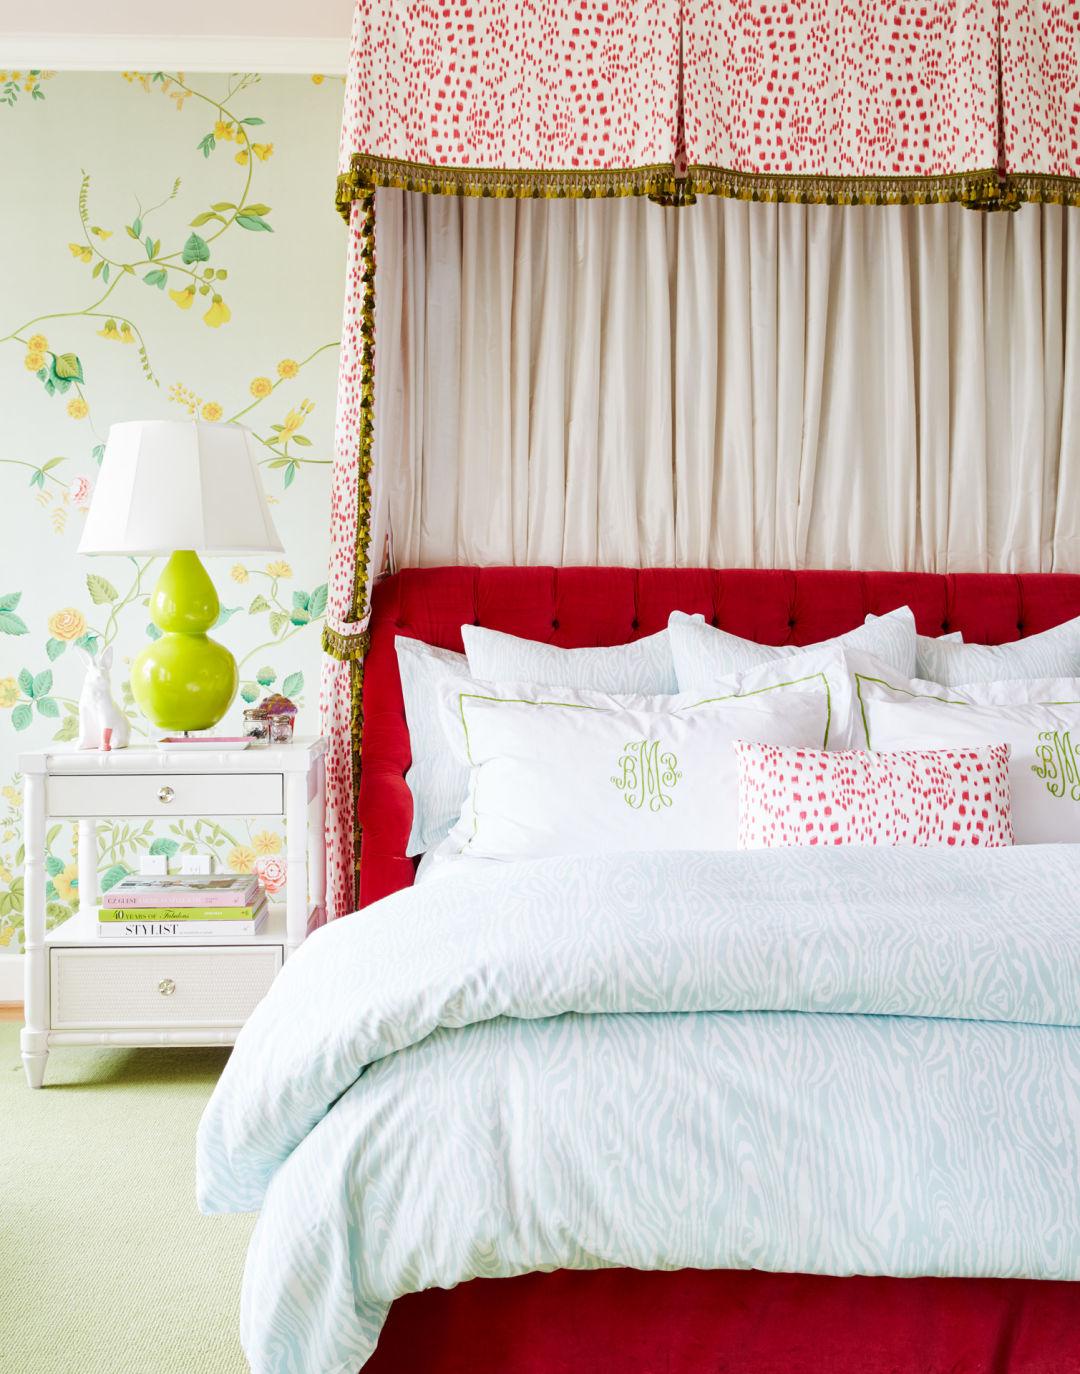 David land locke   bqm master bedroom bmayvd